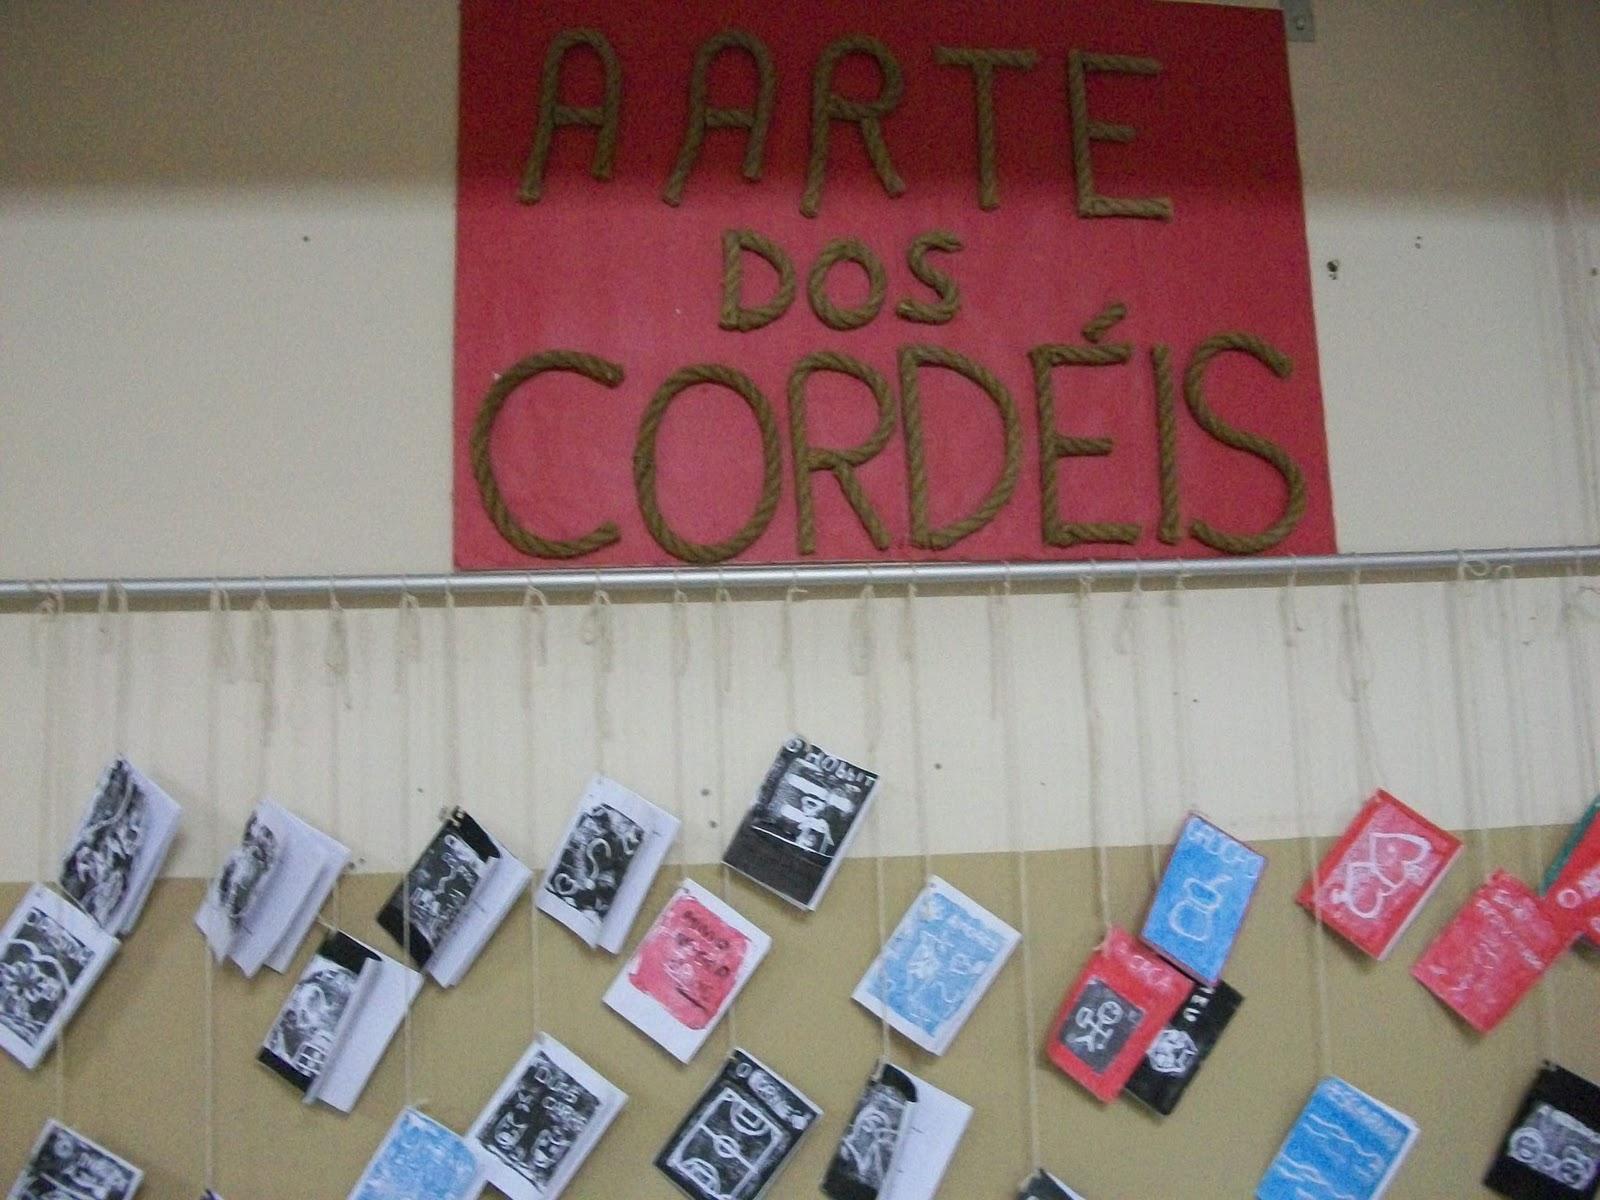 Blog Dos CordÉis: POR TRÁS DAS AULAS: Exposição: A Arte Dos Cordéis